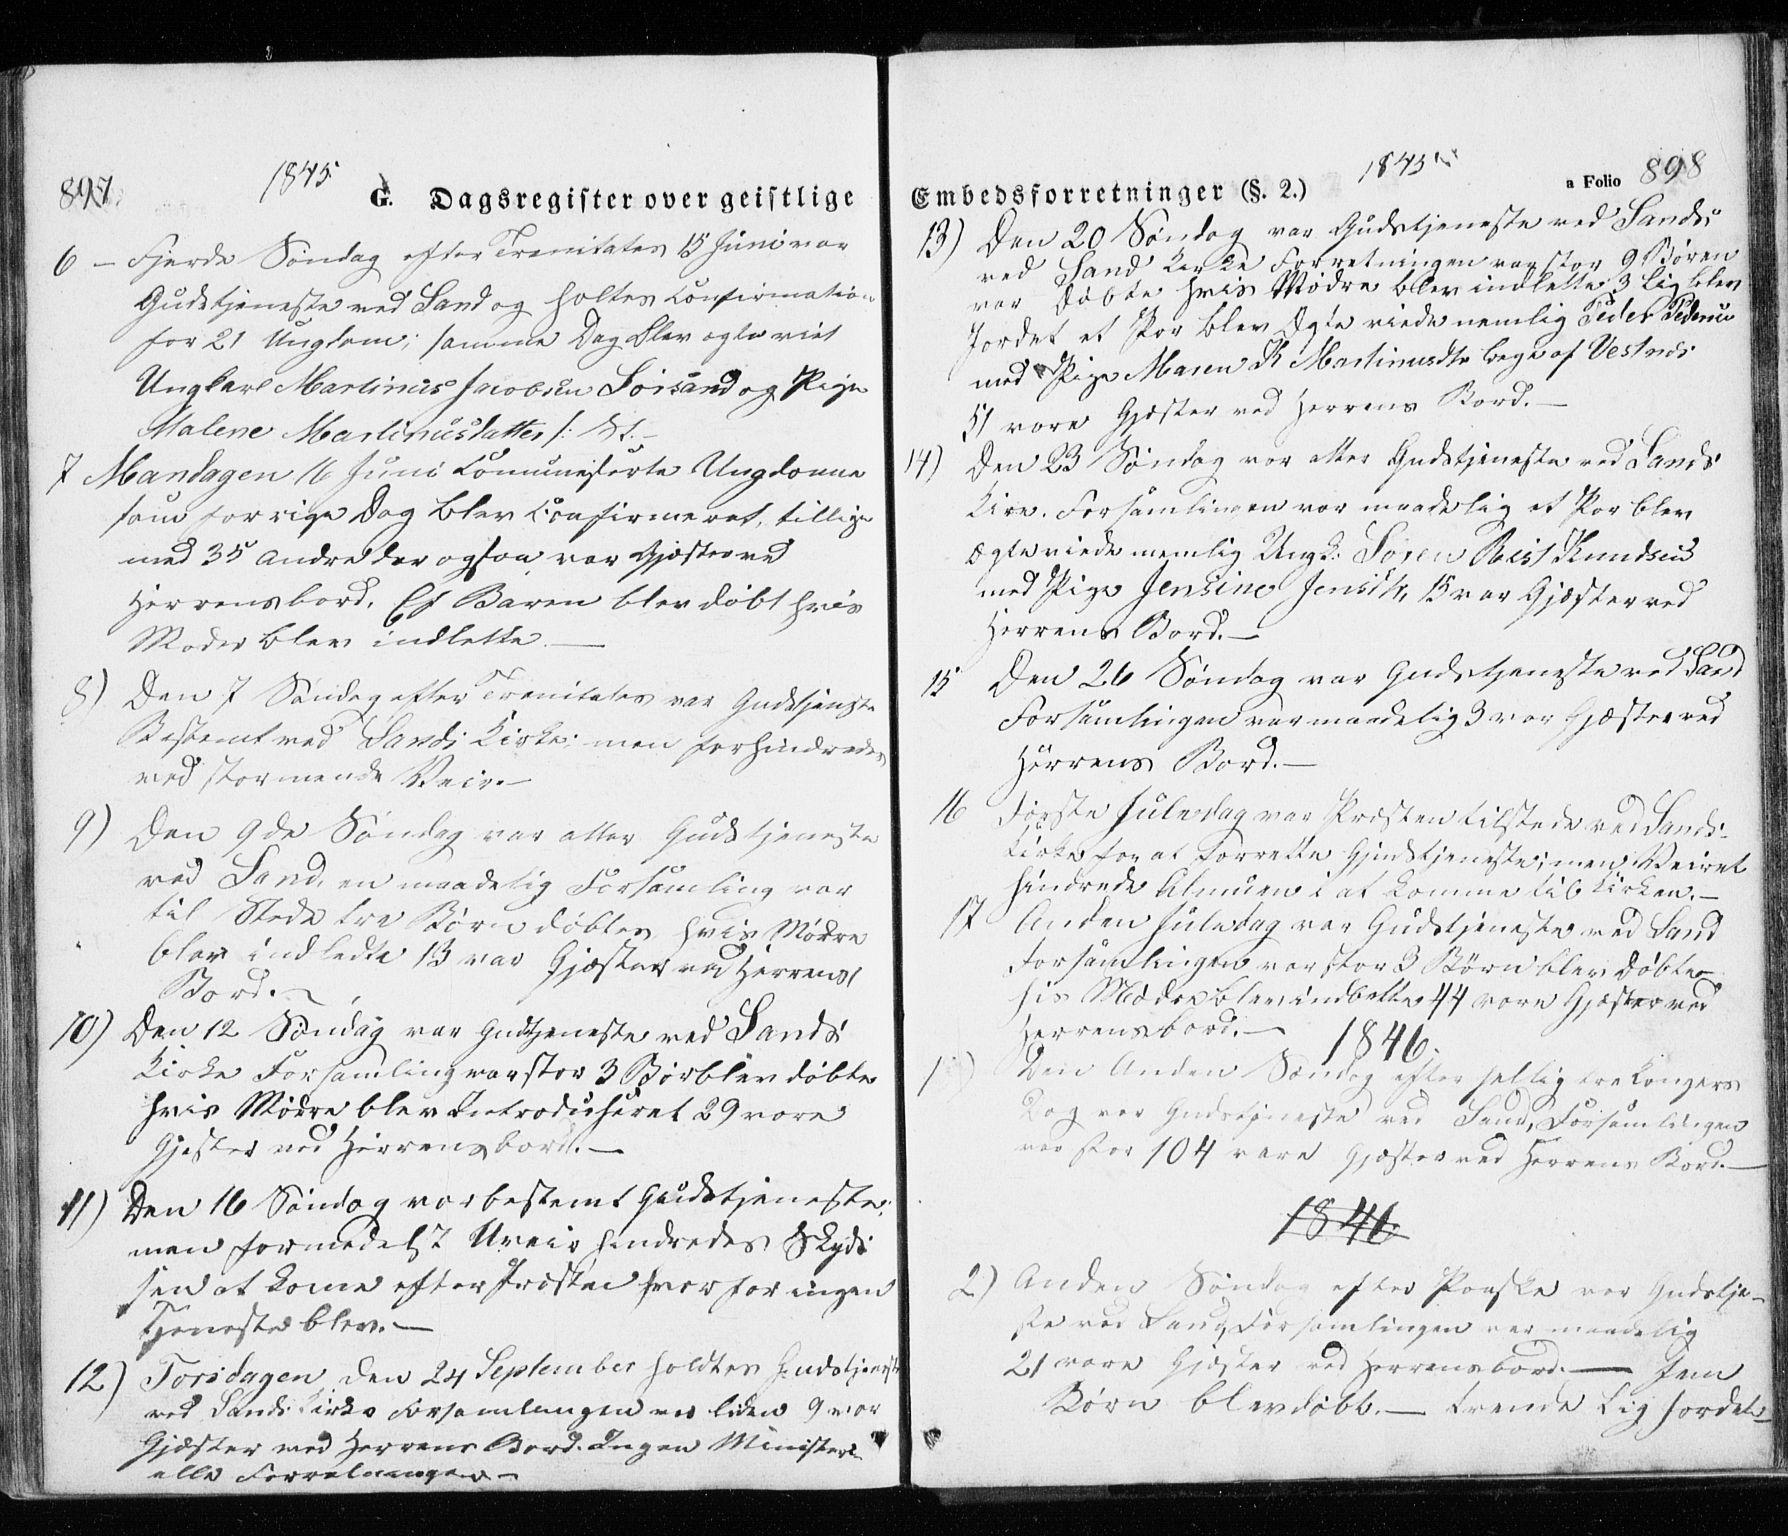 SATØ, Trondenes sokneprestkontor, H/Ha/L0010kirke: Ministerialbok nr. 10, 1840-1865, s. 897-898